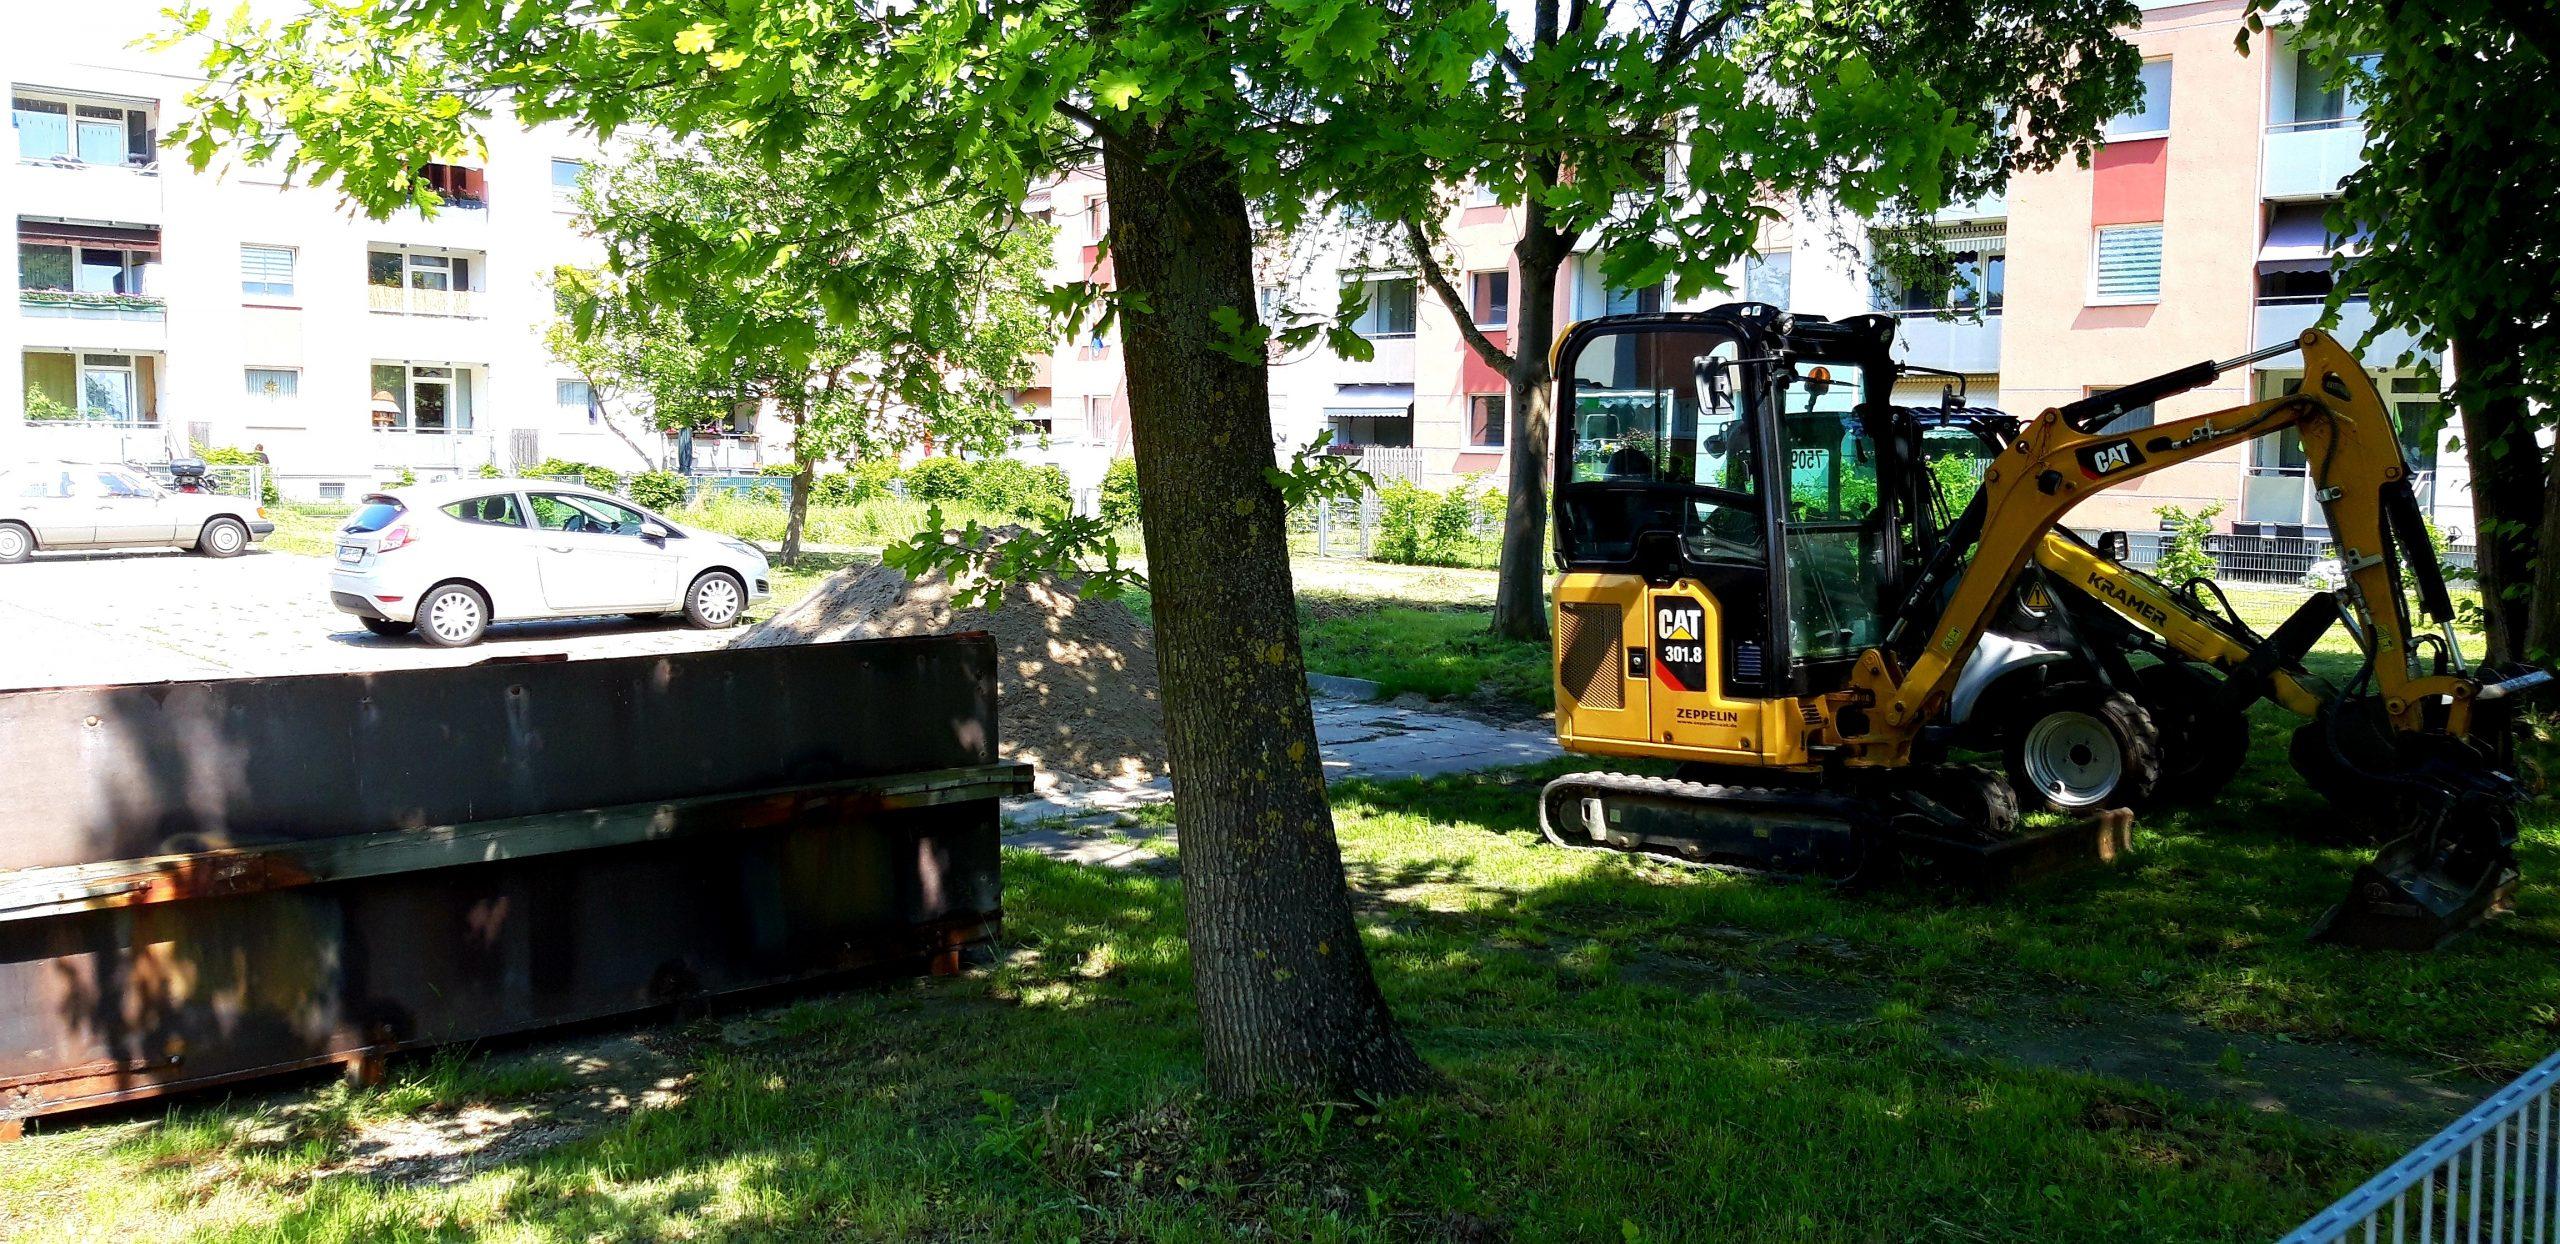 Baufahrzeuge einer Gartenbaufirma stehen auf dem Stellplatz.